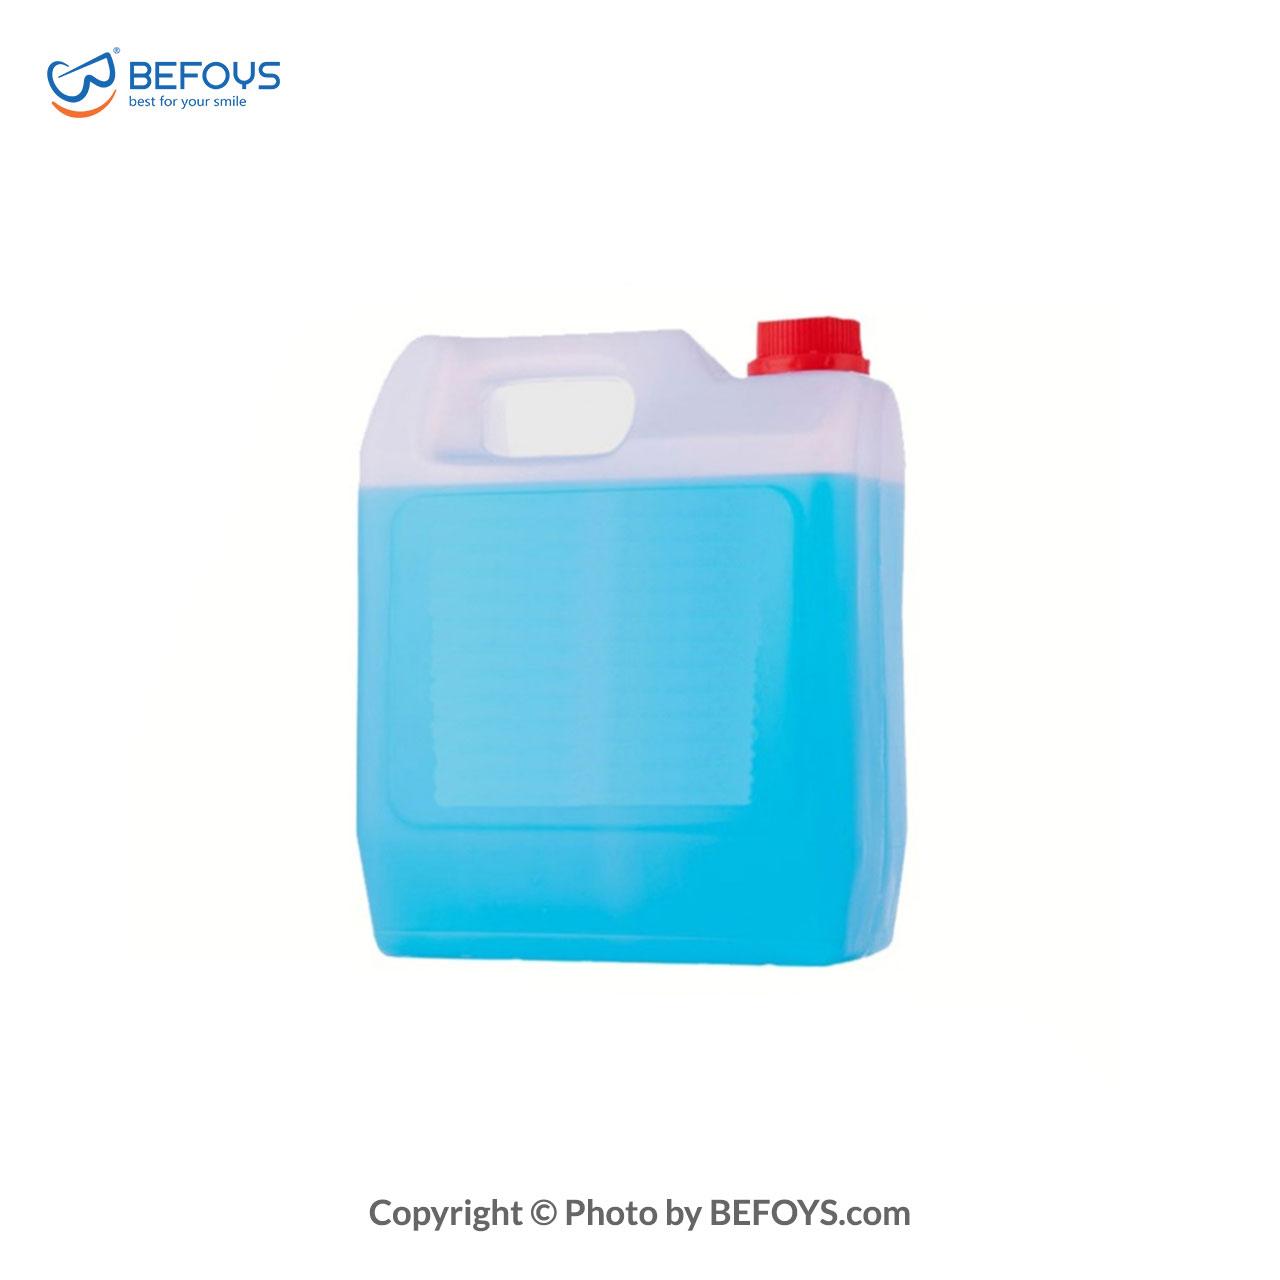 مایع ضد عفونی کننده دست و سطوح برپایه الکل اتانول